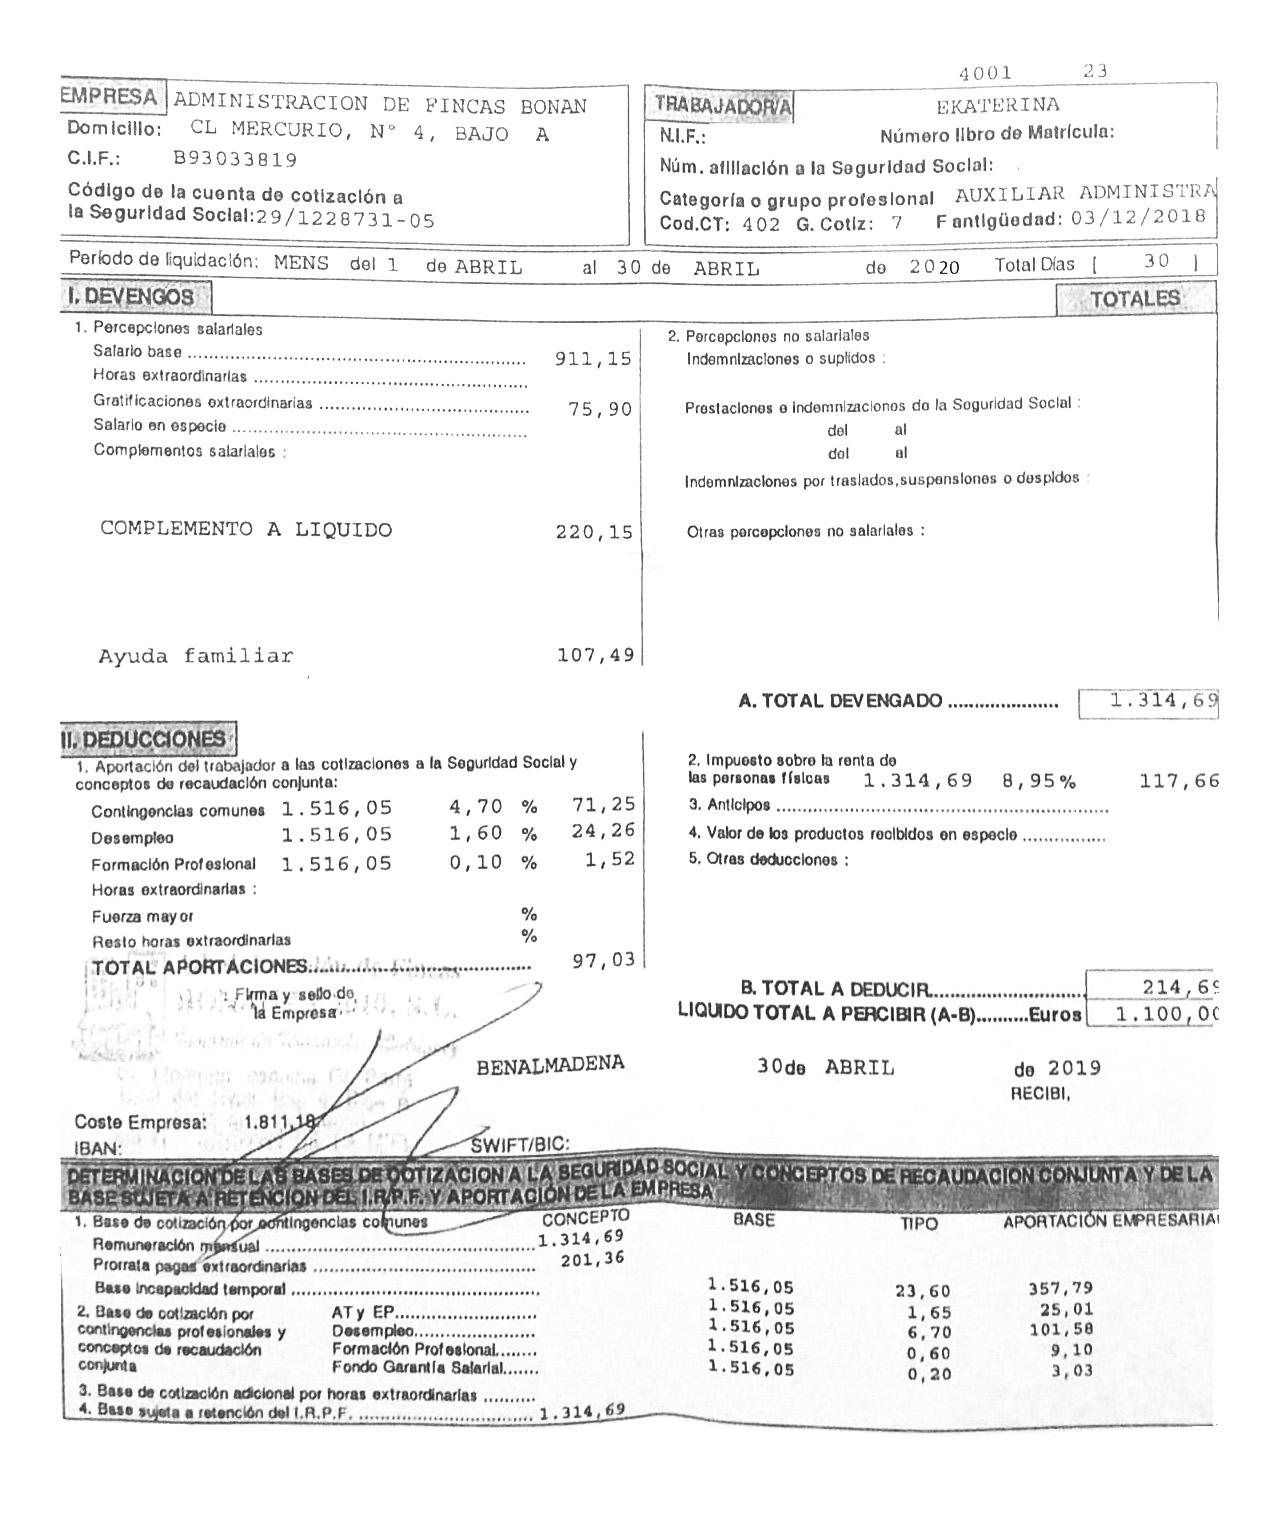 Моя зарплатная ведомость, где видно, что с меня удерживают 97,03€ и 117,66€, а с работодателя — почти 500€